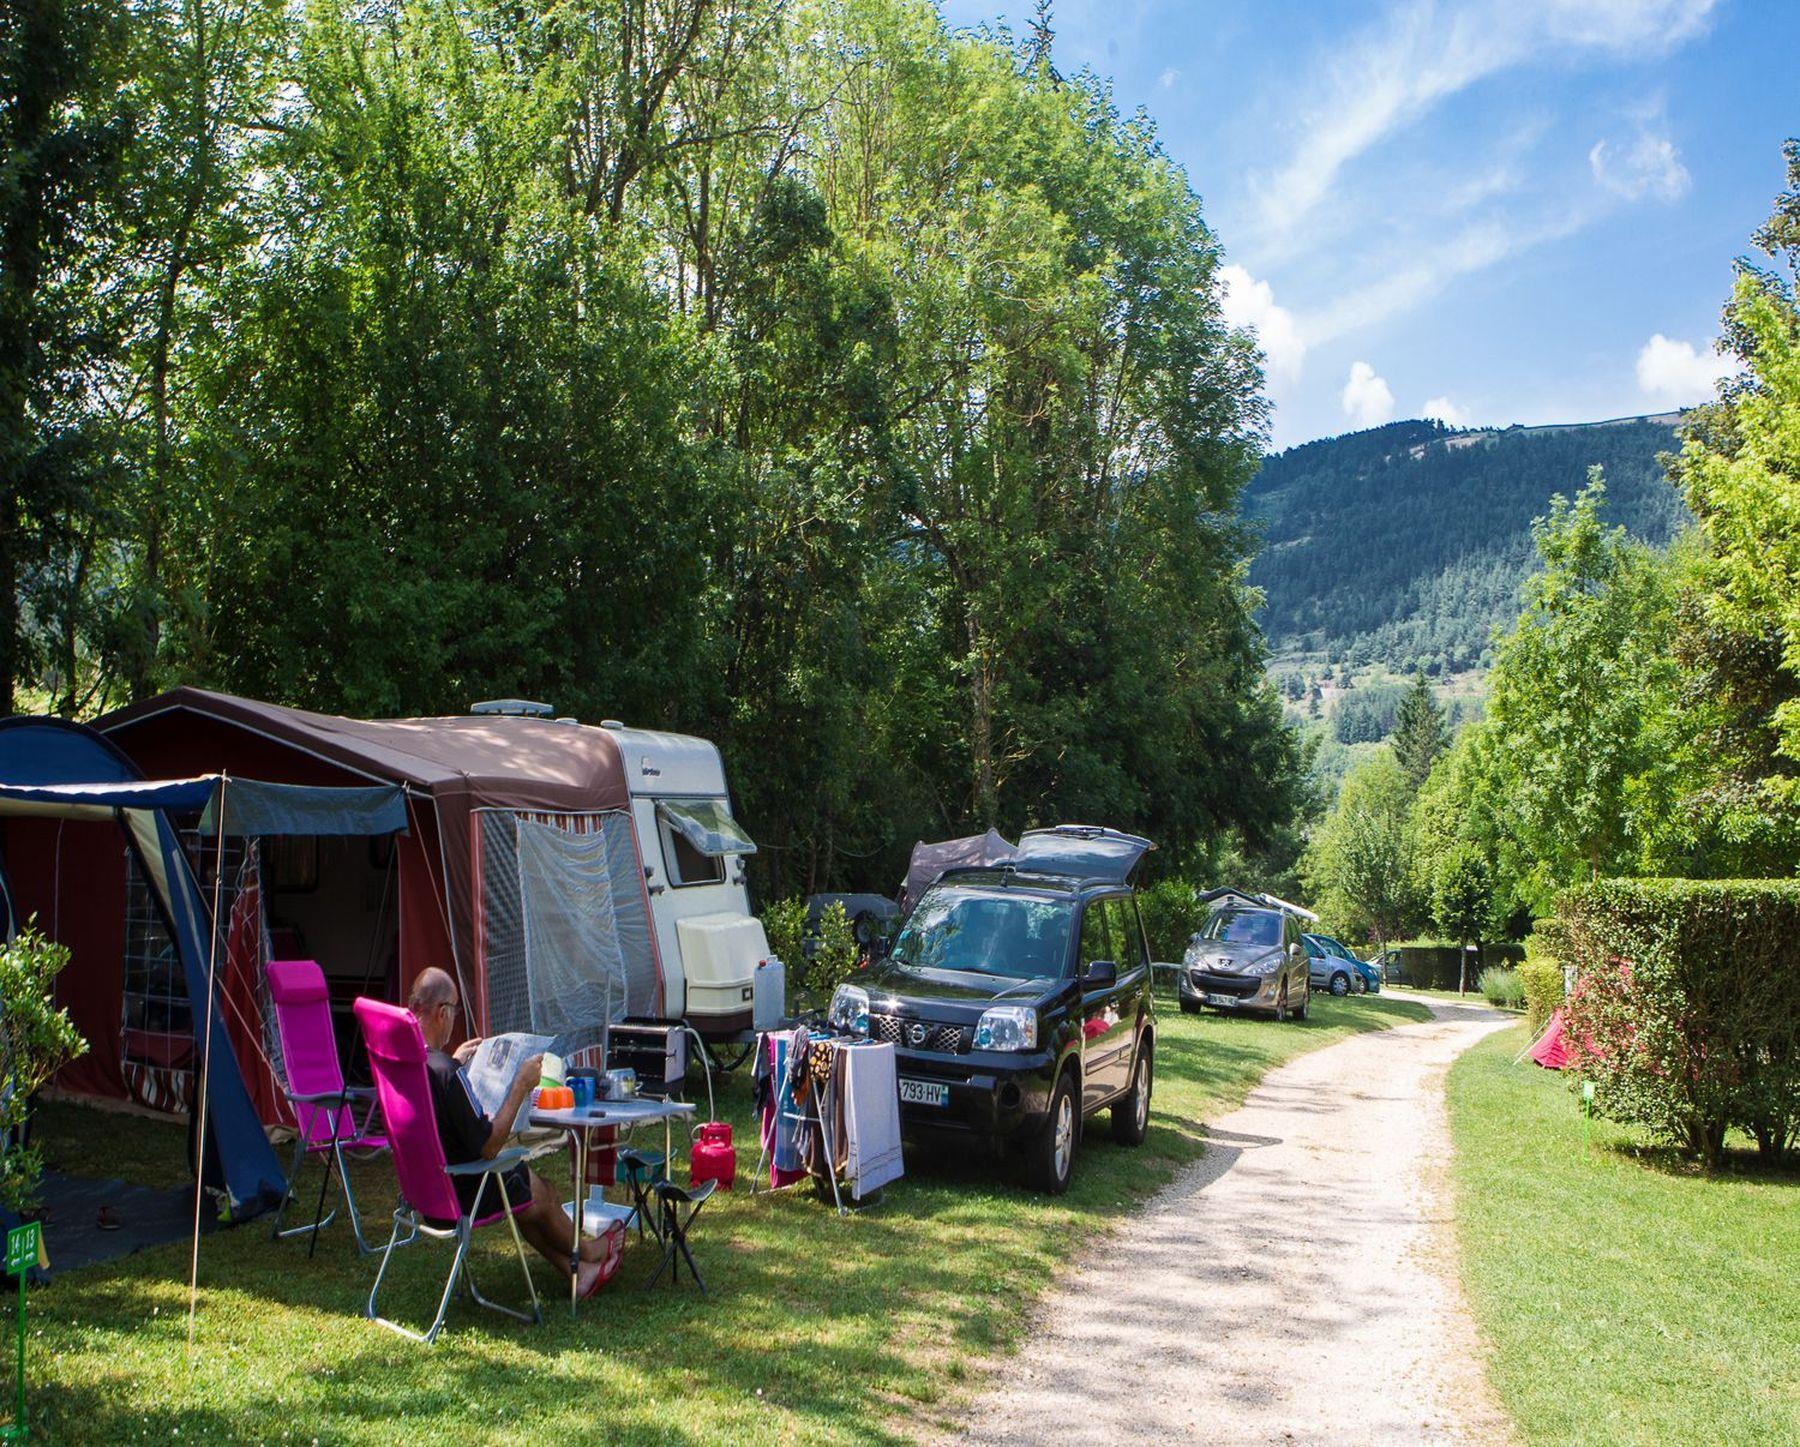 Emplacement - Emplacement Forfait Standard (Tente, Caravane, Camping-Car) + Véhicule Sans Électricité - Camping Le Jardin des Cévennes